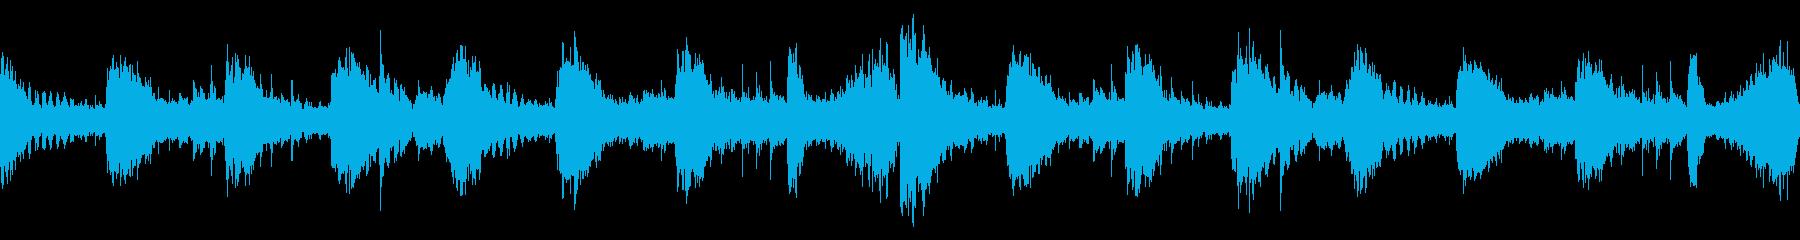 アンビエント、シネマティック系ループの再生済みの波形